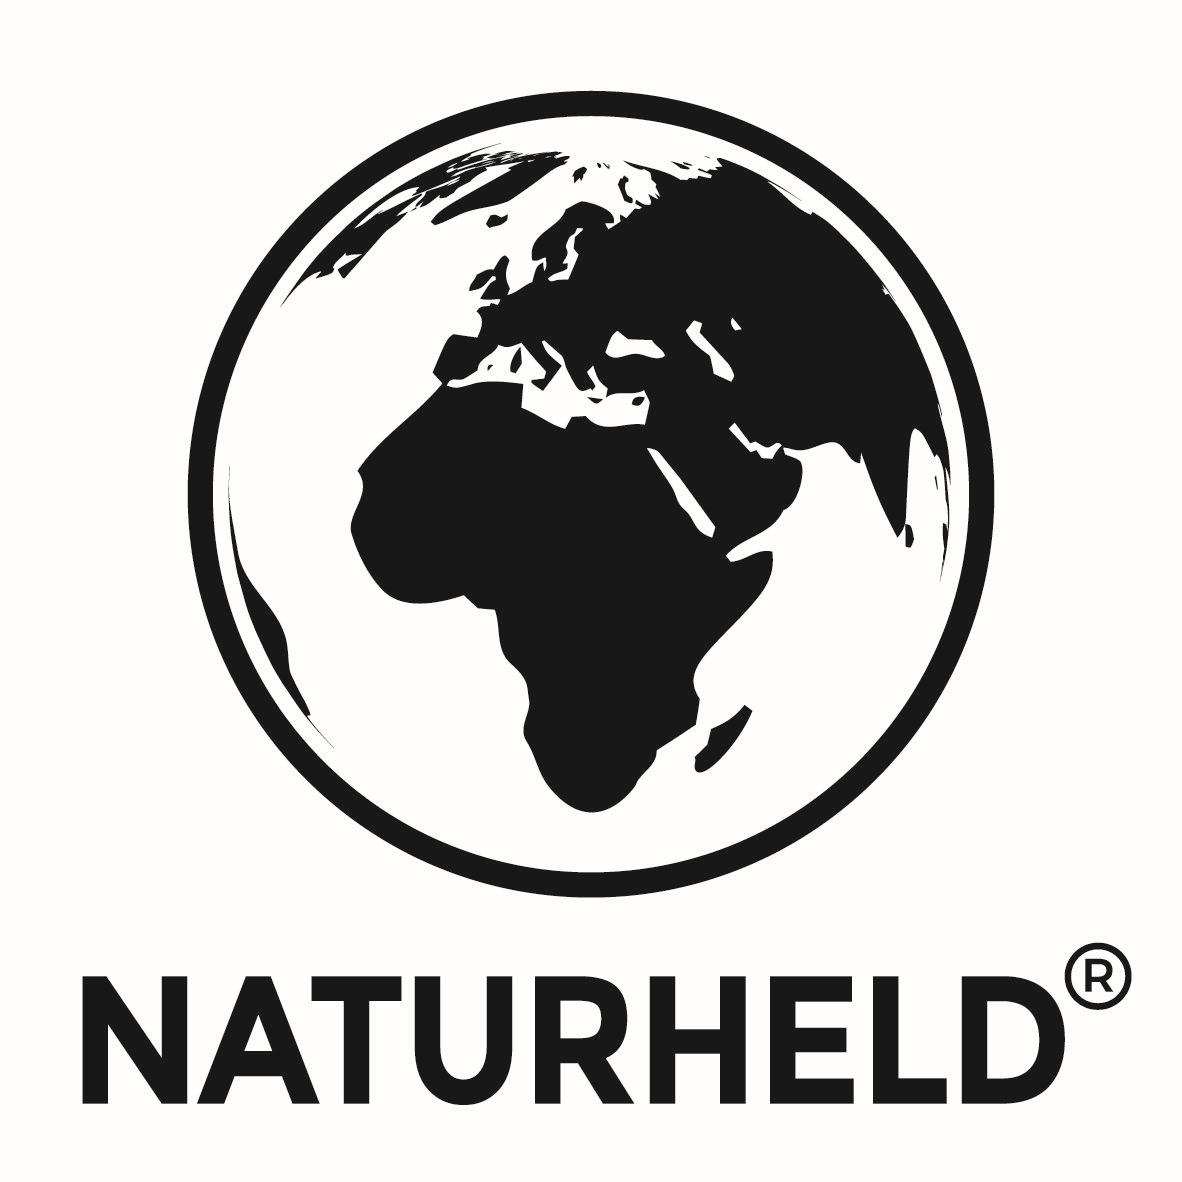 Naturheld